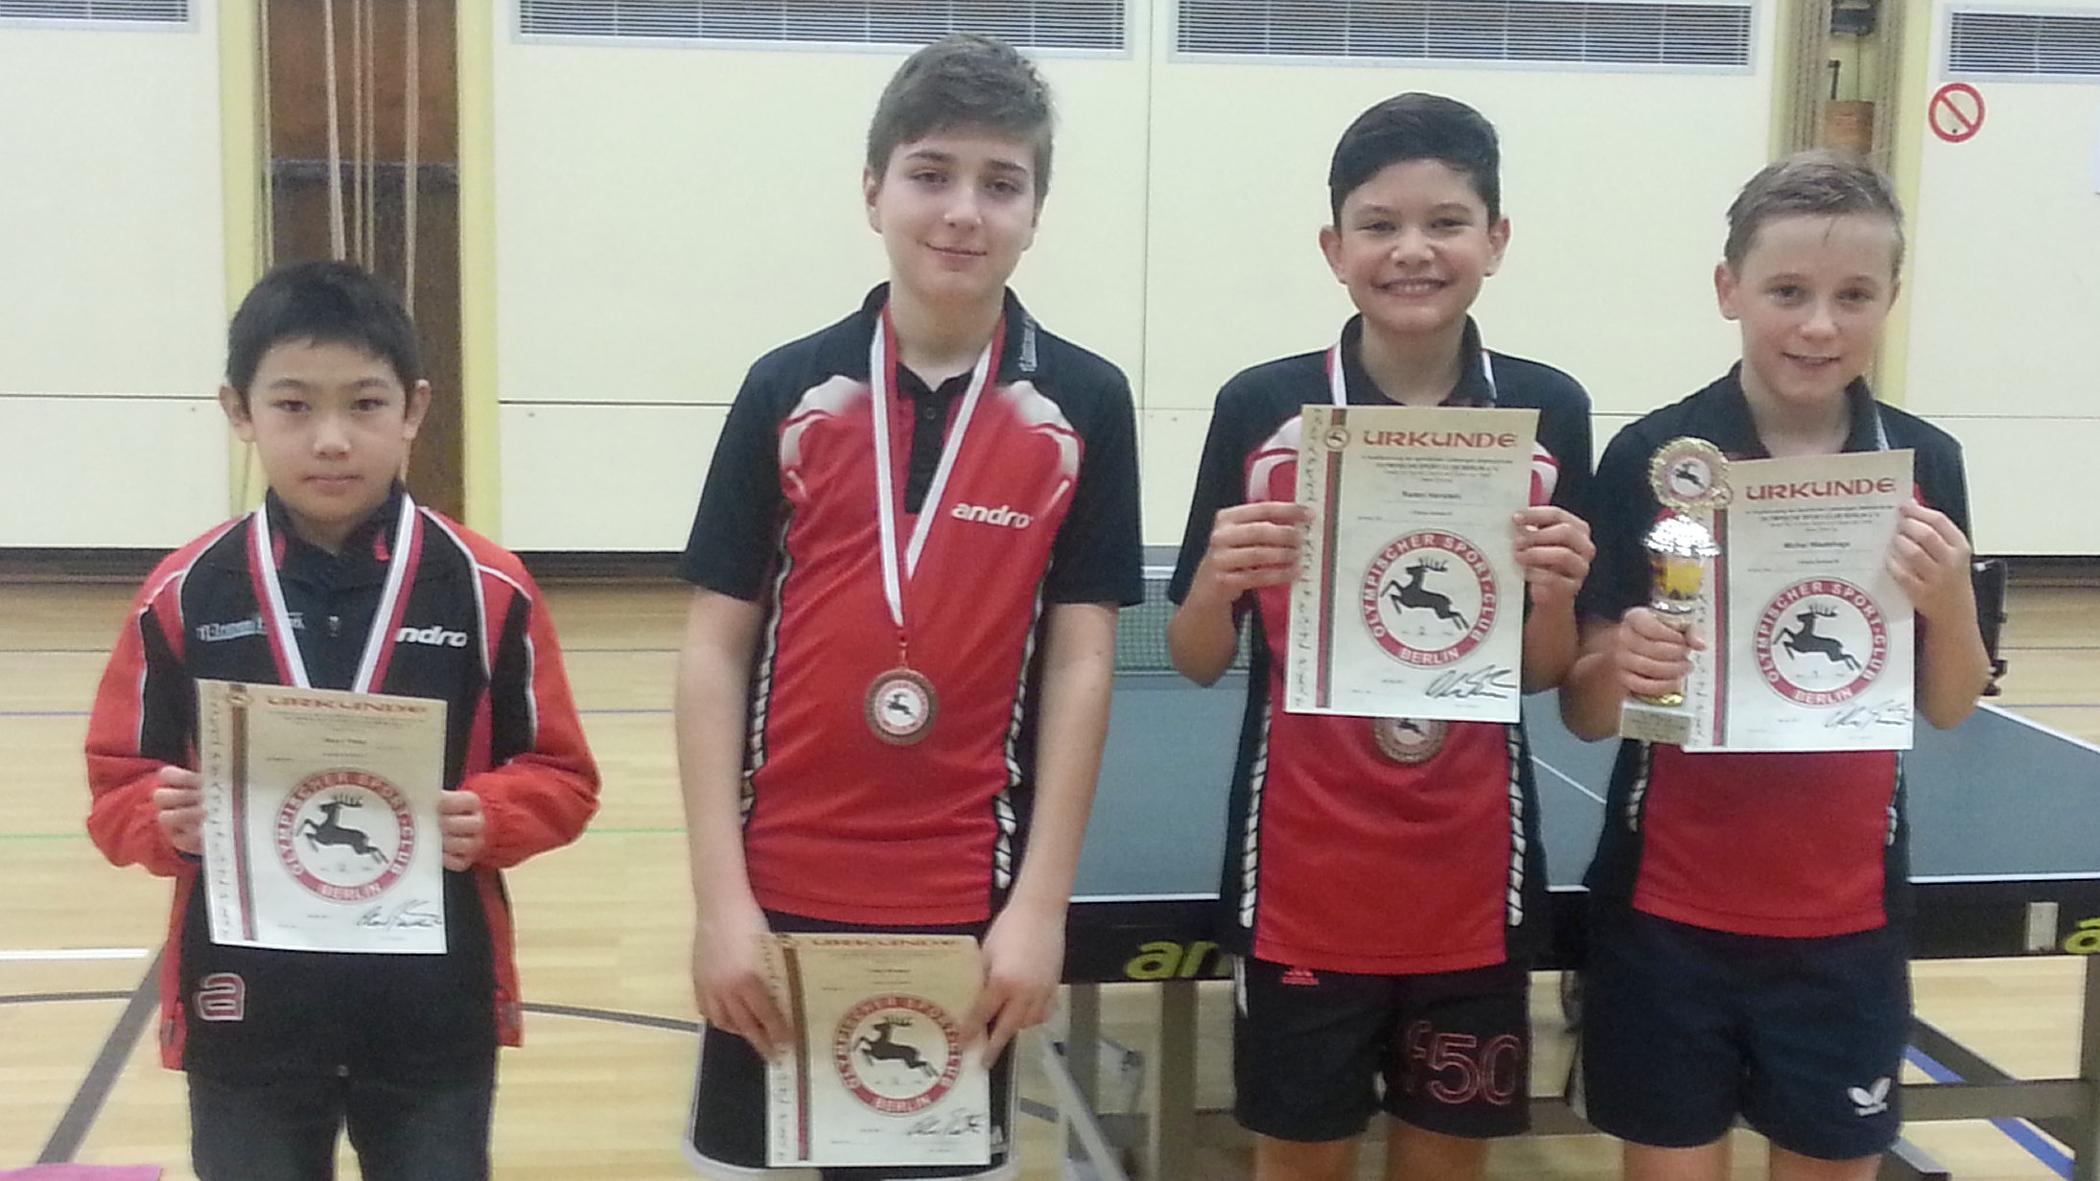 Sieger B-Schüler 1. Klasse: 1. Platz Michel Wiedehage (STTK), 2. Platz Raden Hanstein (STTK), 3. Platz Timo Knaus (STTK) und Jiayu Tong (STTK) (von rechts)